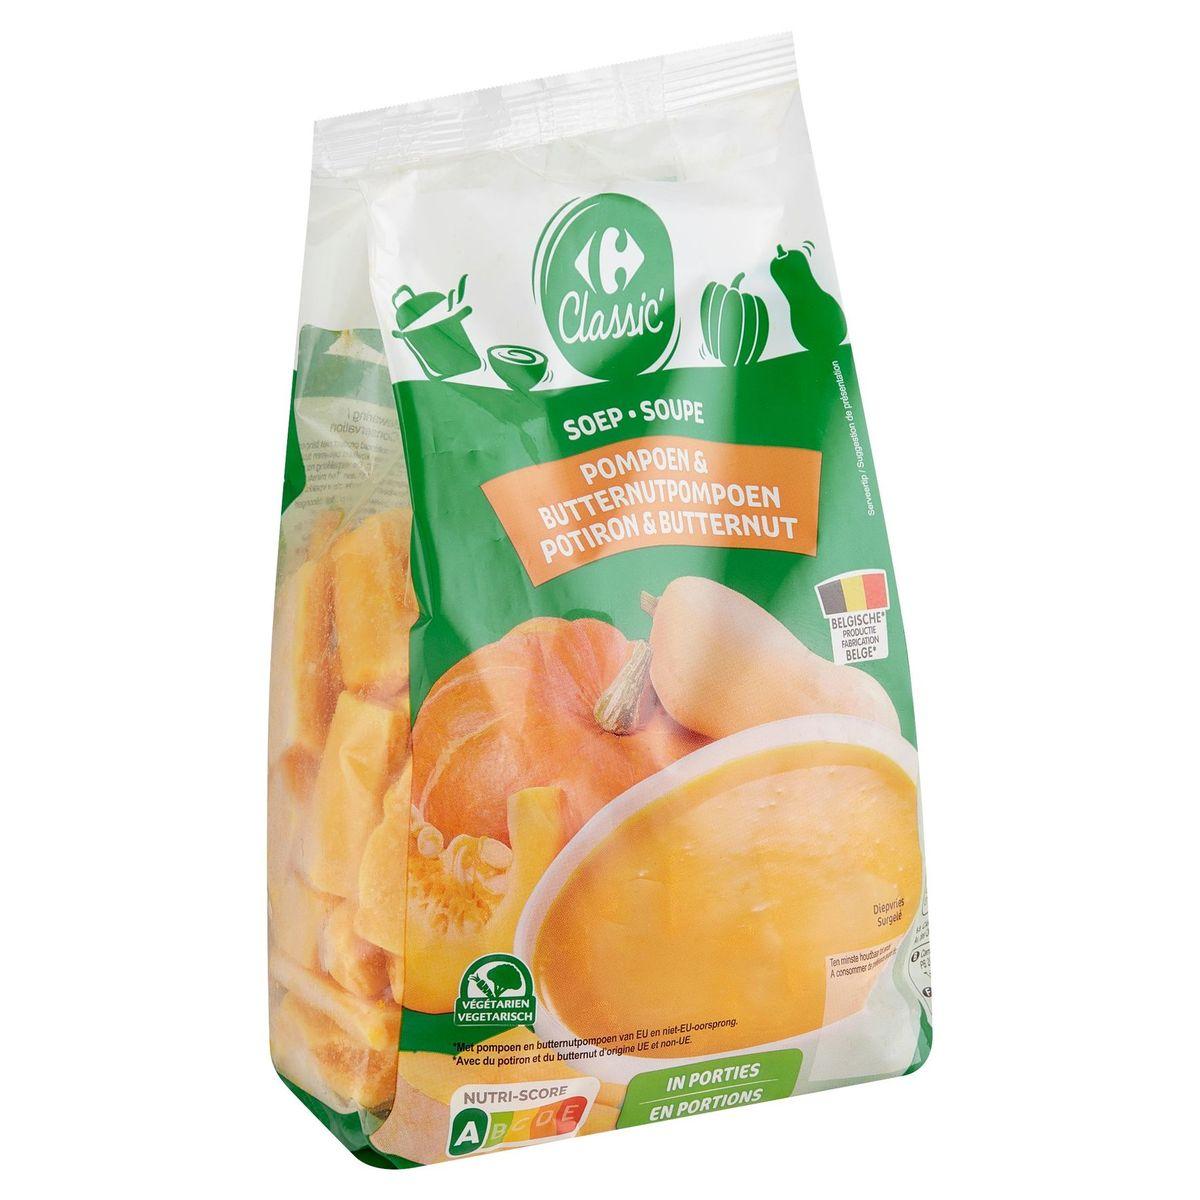 Carrefour Soep Pompoen & Butternutpompoen 600 g